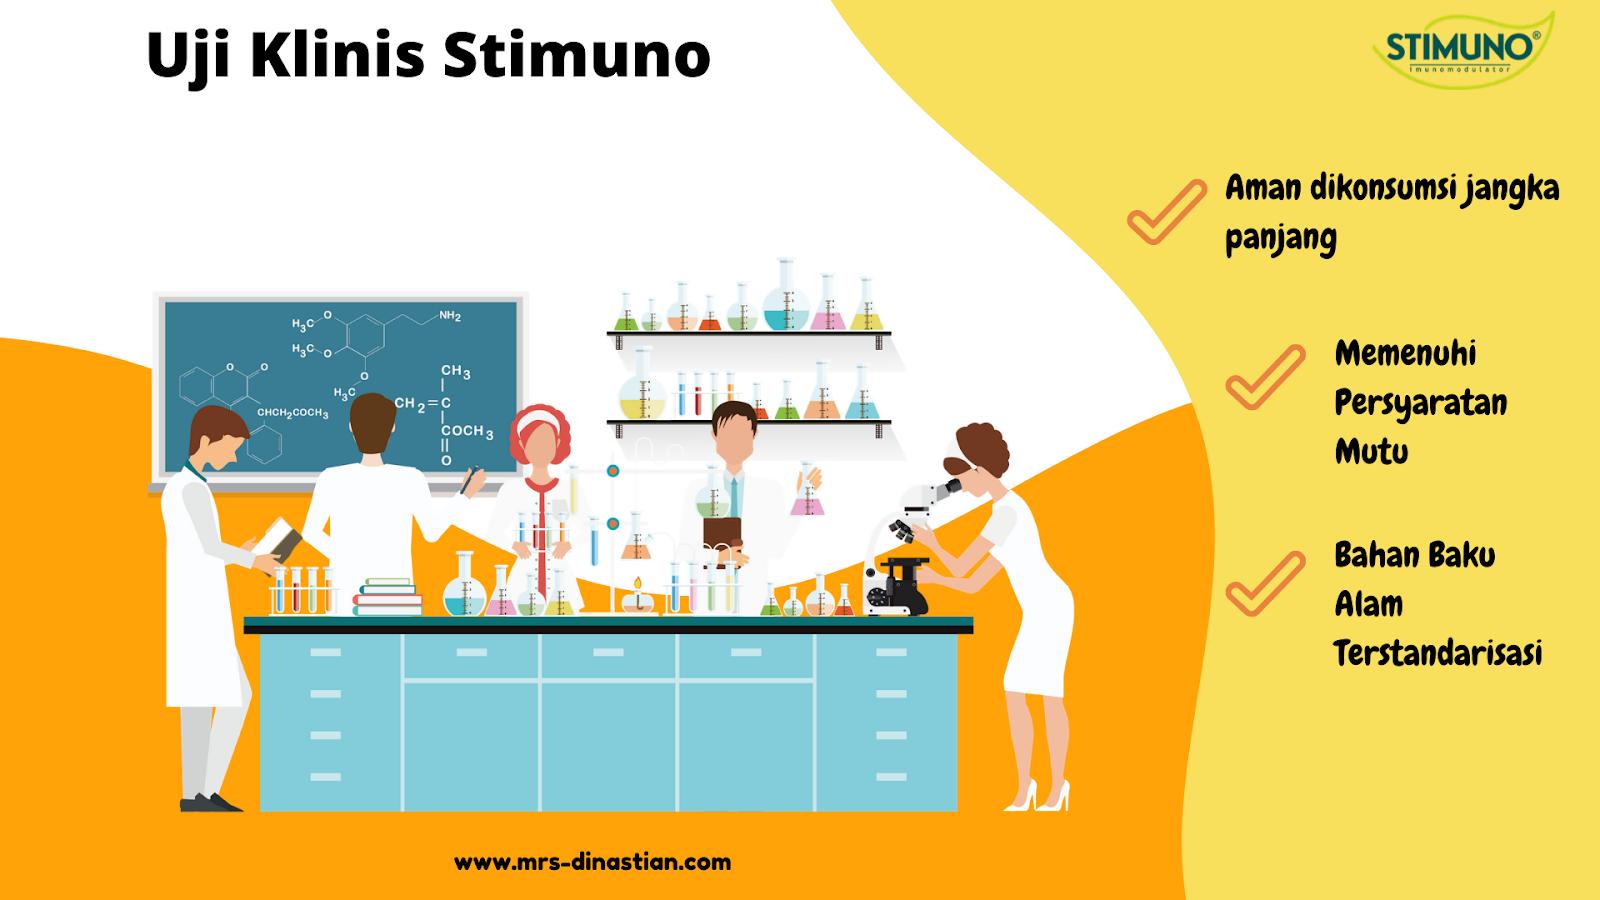 Uji Klinis Stimuno Aman digunakan jangka panjang